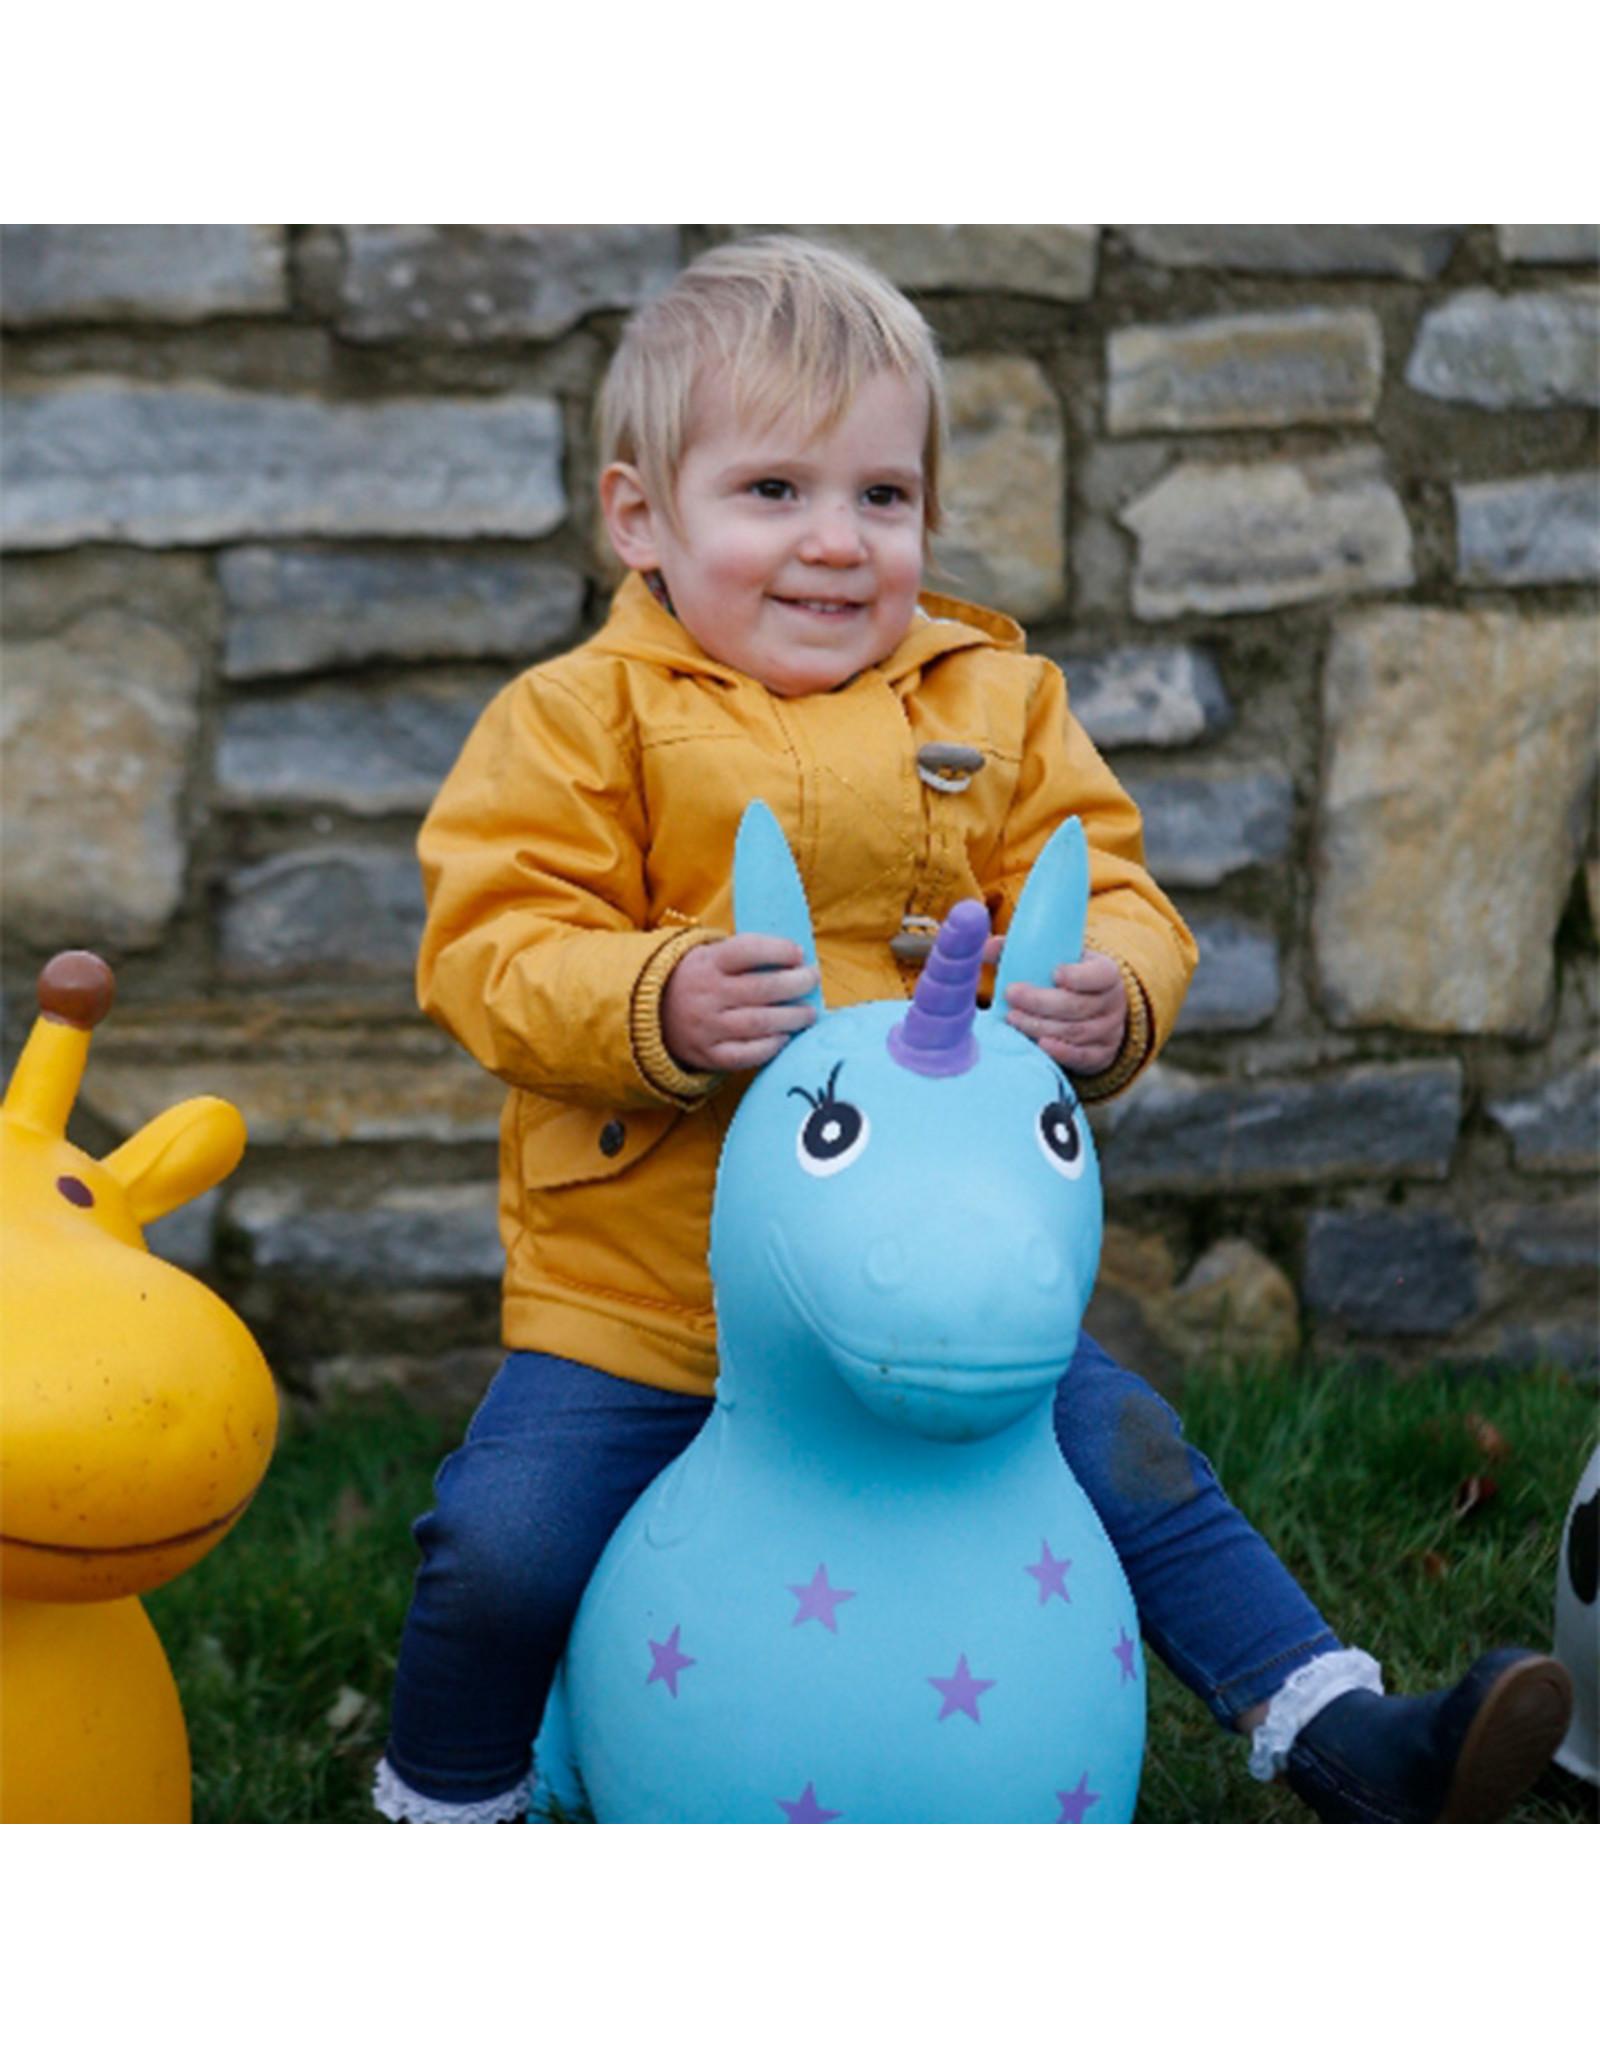 HappyHopperz Bouncy Kids Toy